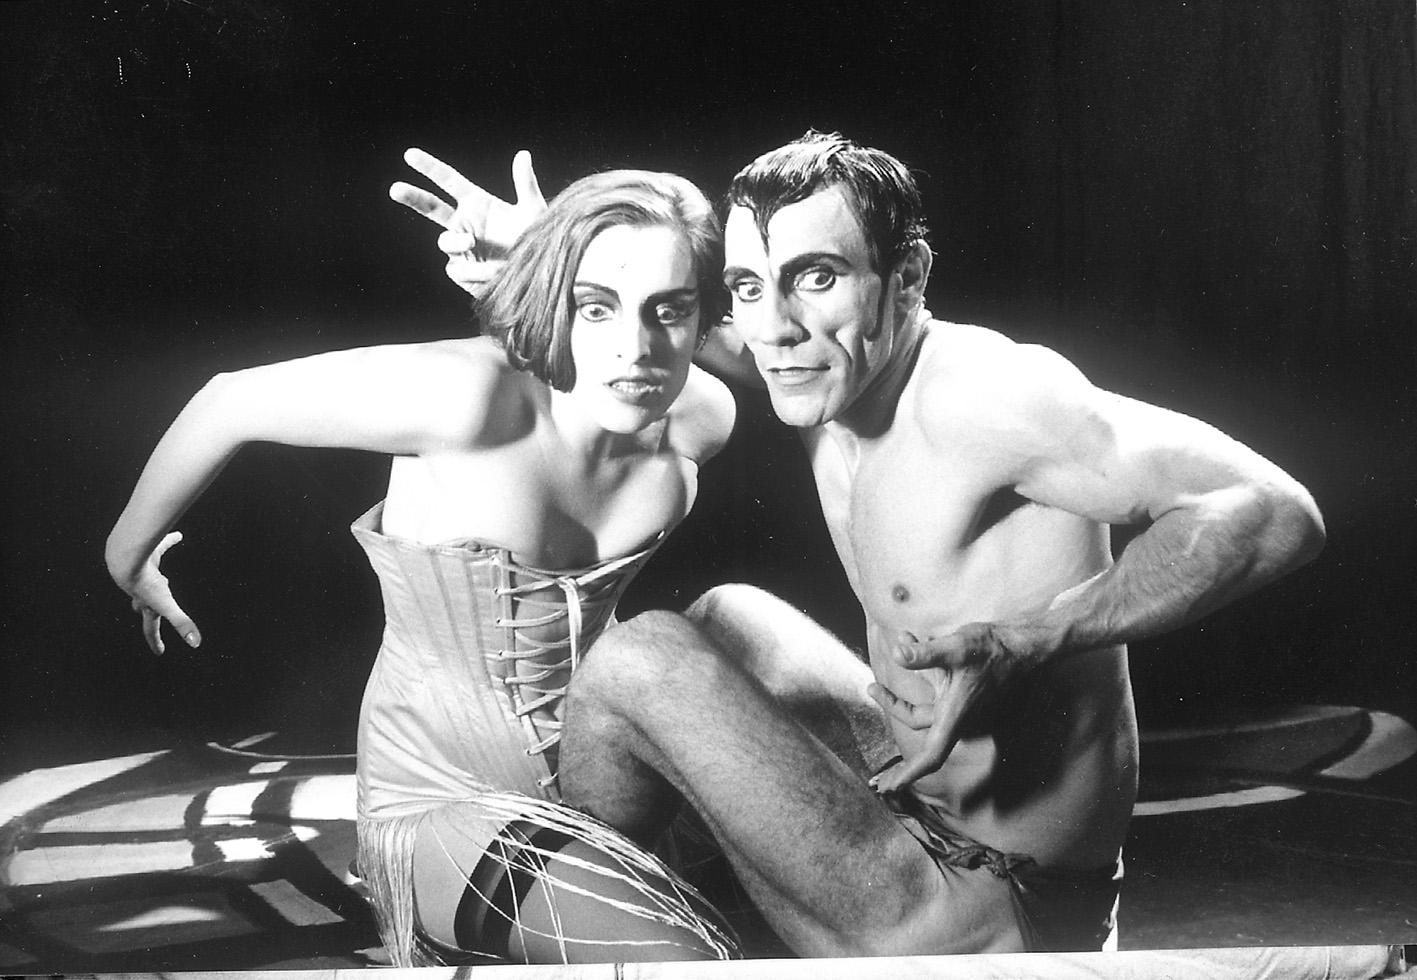 Anita, Tänze des Lasters Spielfilm, 1986, 85 Minuten, 35 mm